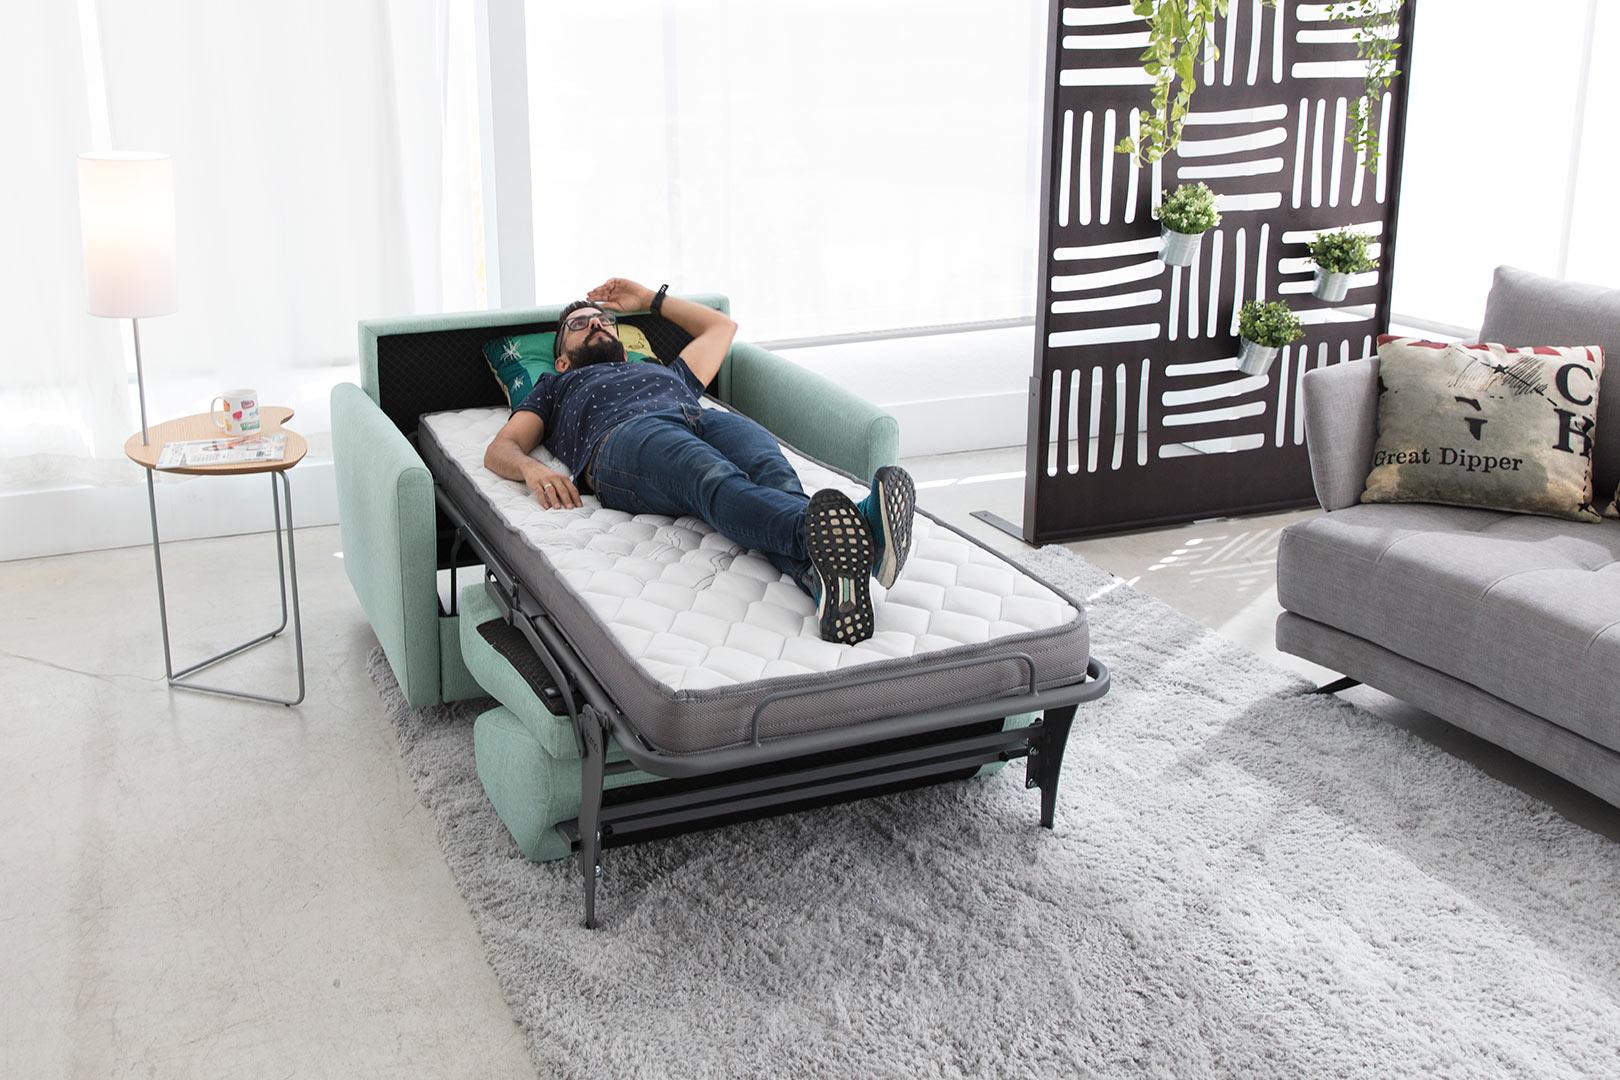 Mario sillon cama 2020 06